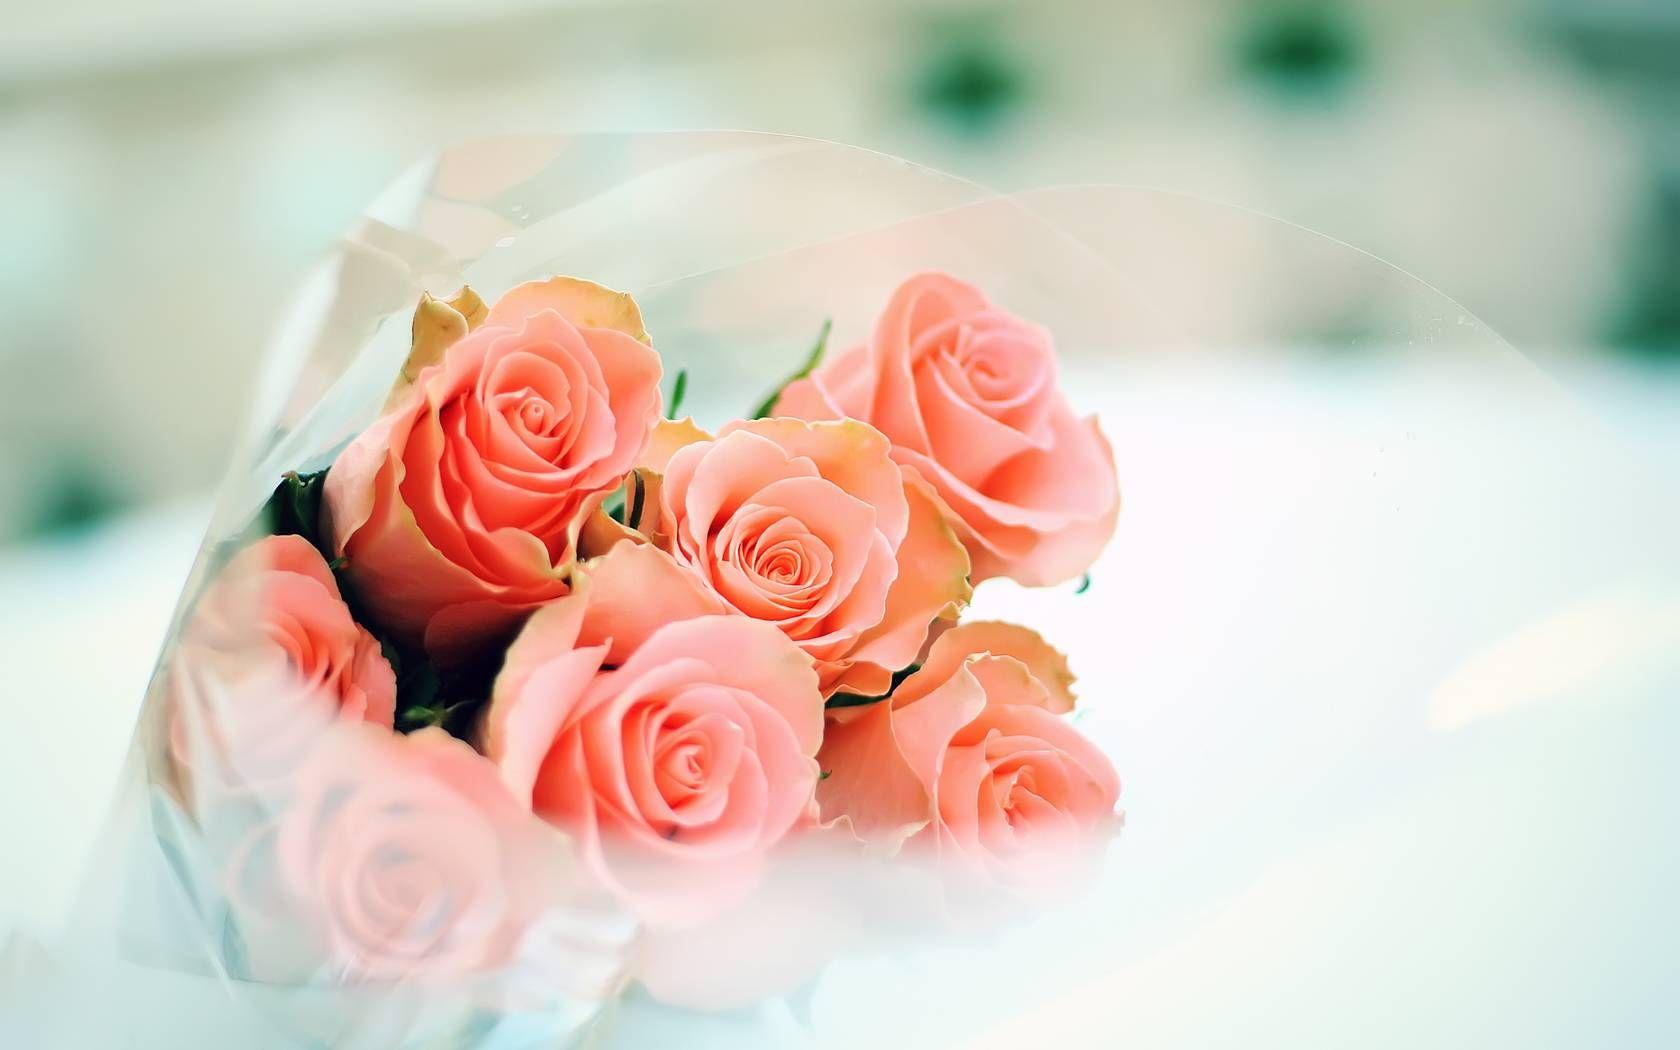 cute little flowers wallpaper - photo #49